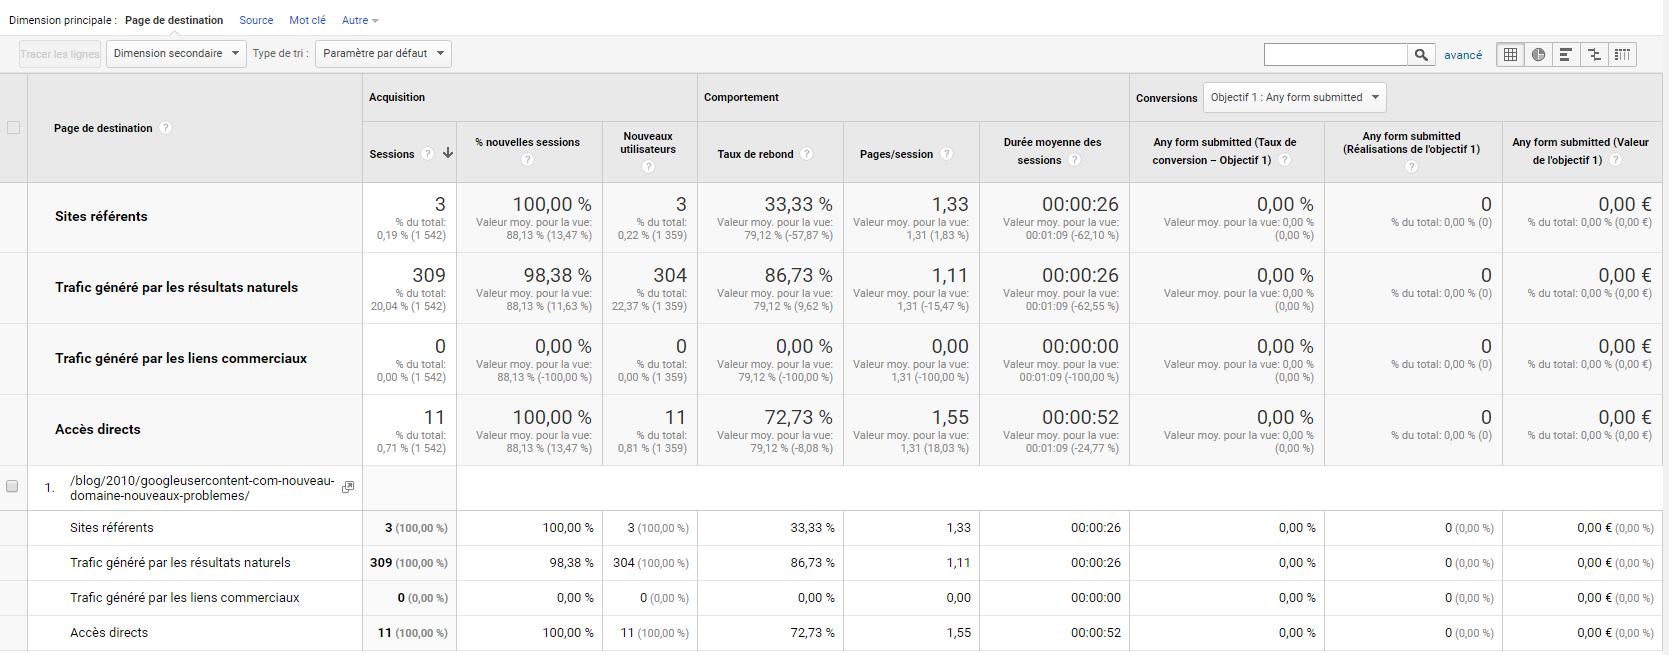 Ecran de comparaison des données par source d'acquisition dans Google Analytics